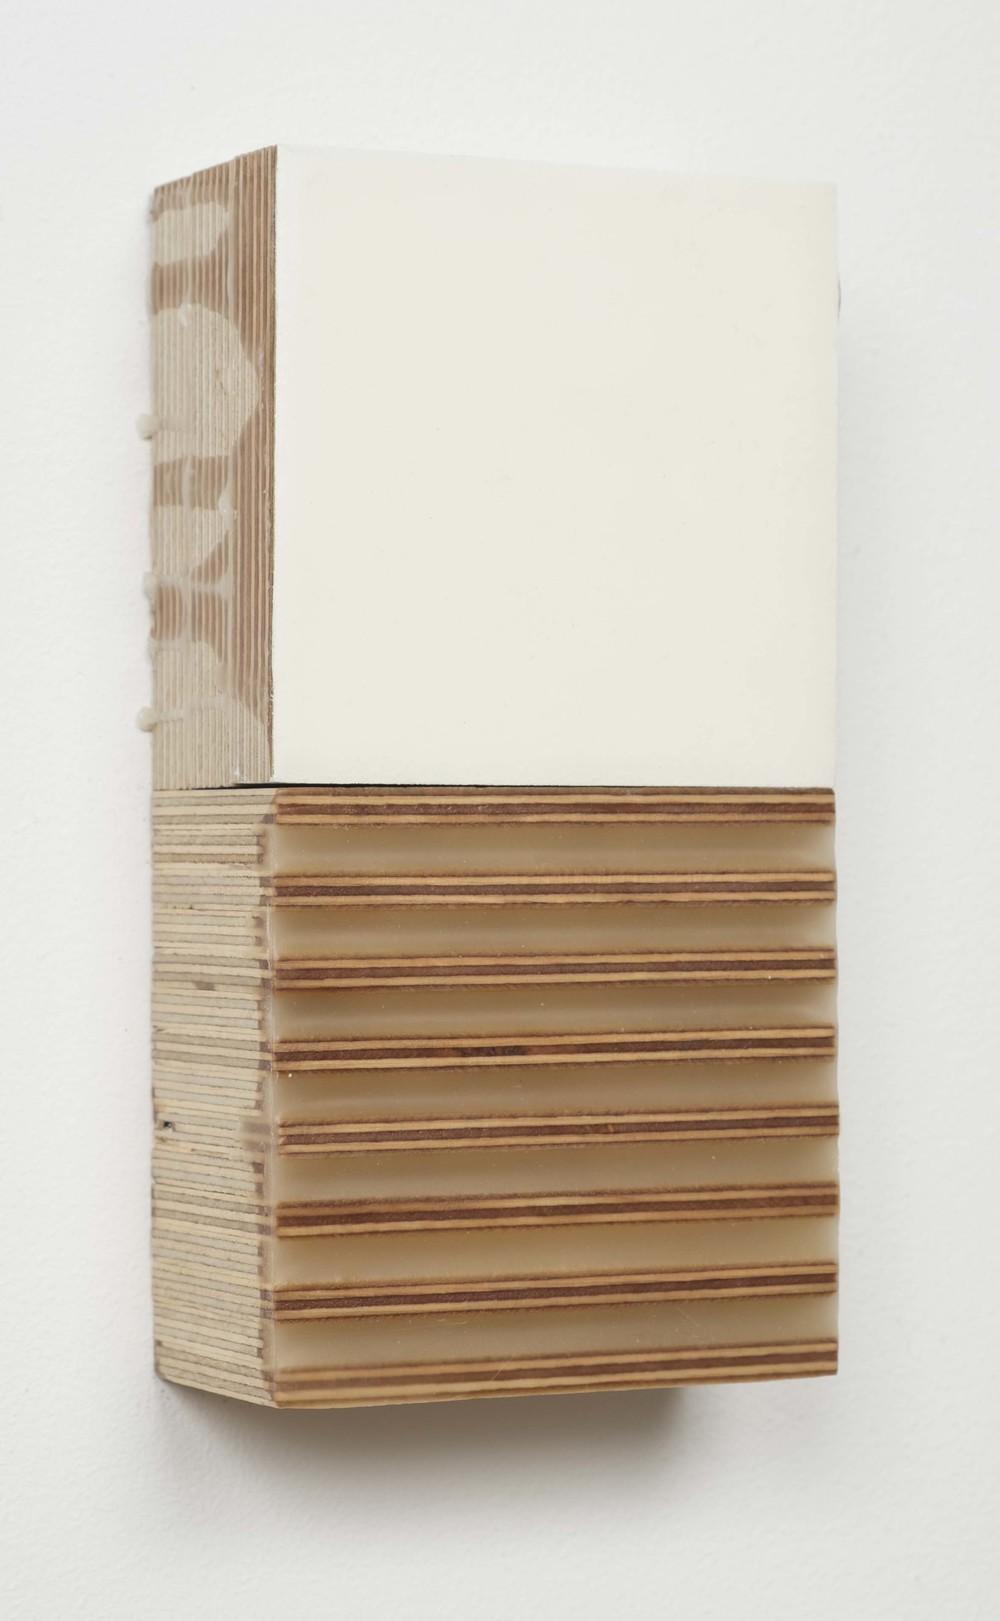 'Honey Creek' acrylic, wax, wood.